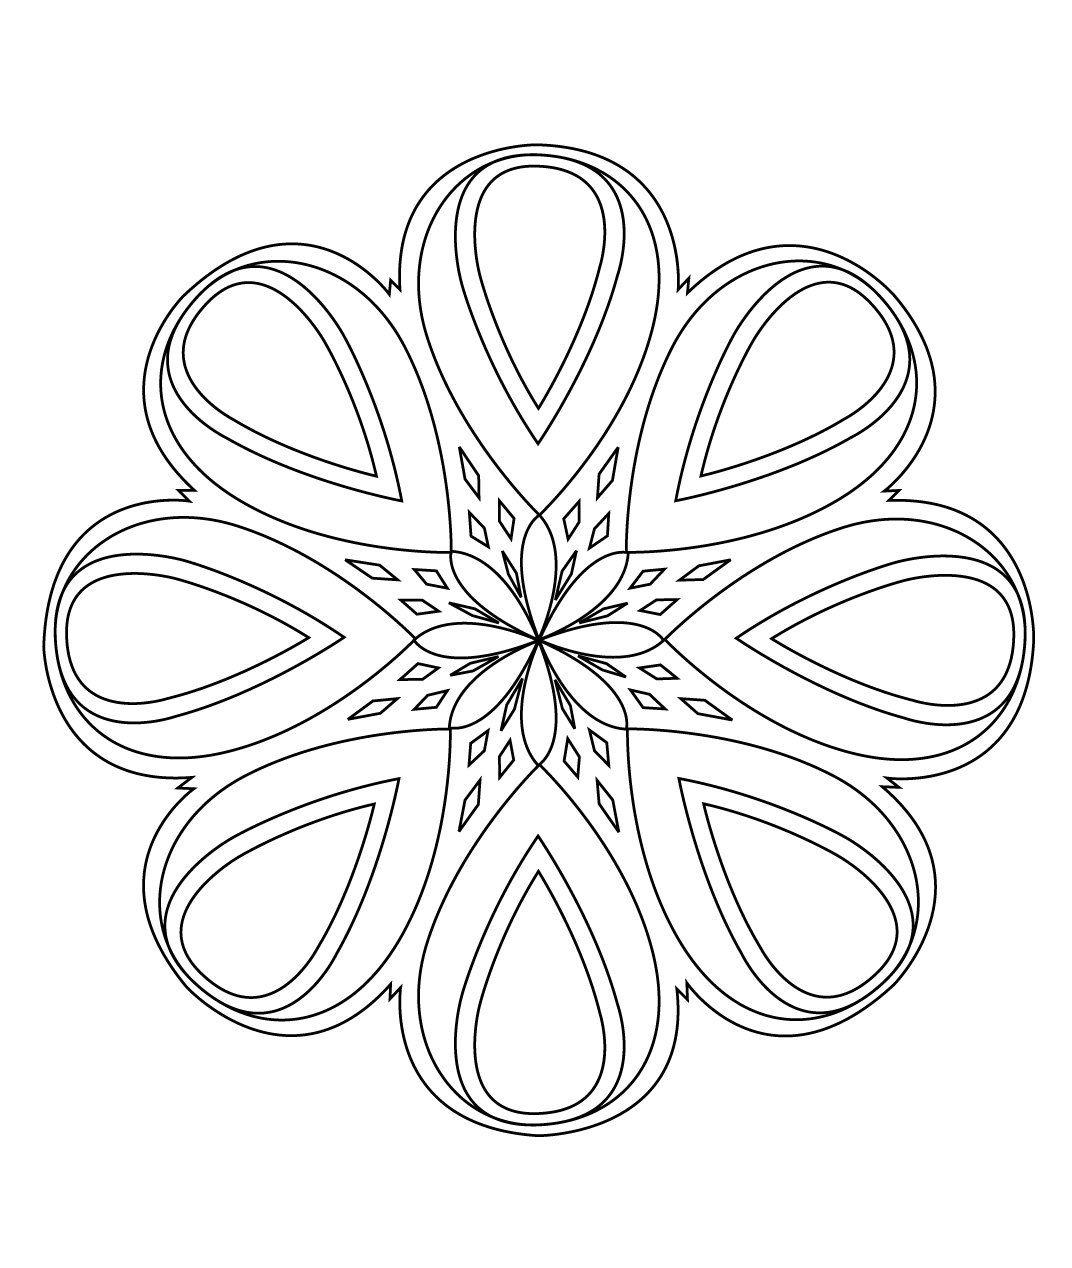 Stci coloriage pour adultes et enfants mandalas a emb mandalas dot rangoli mandala - Mandala adulte ...